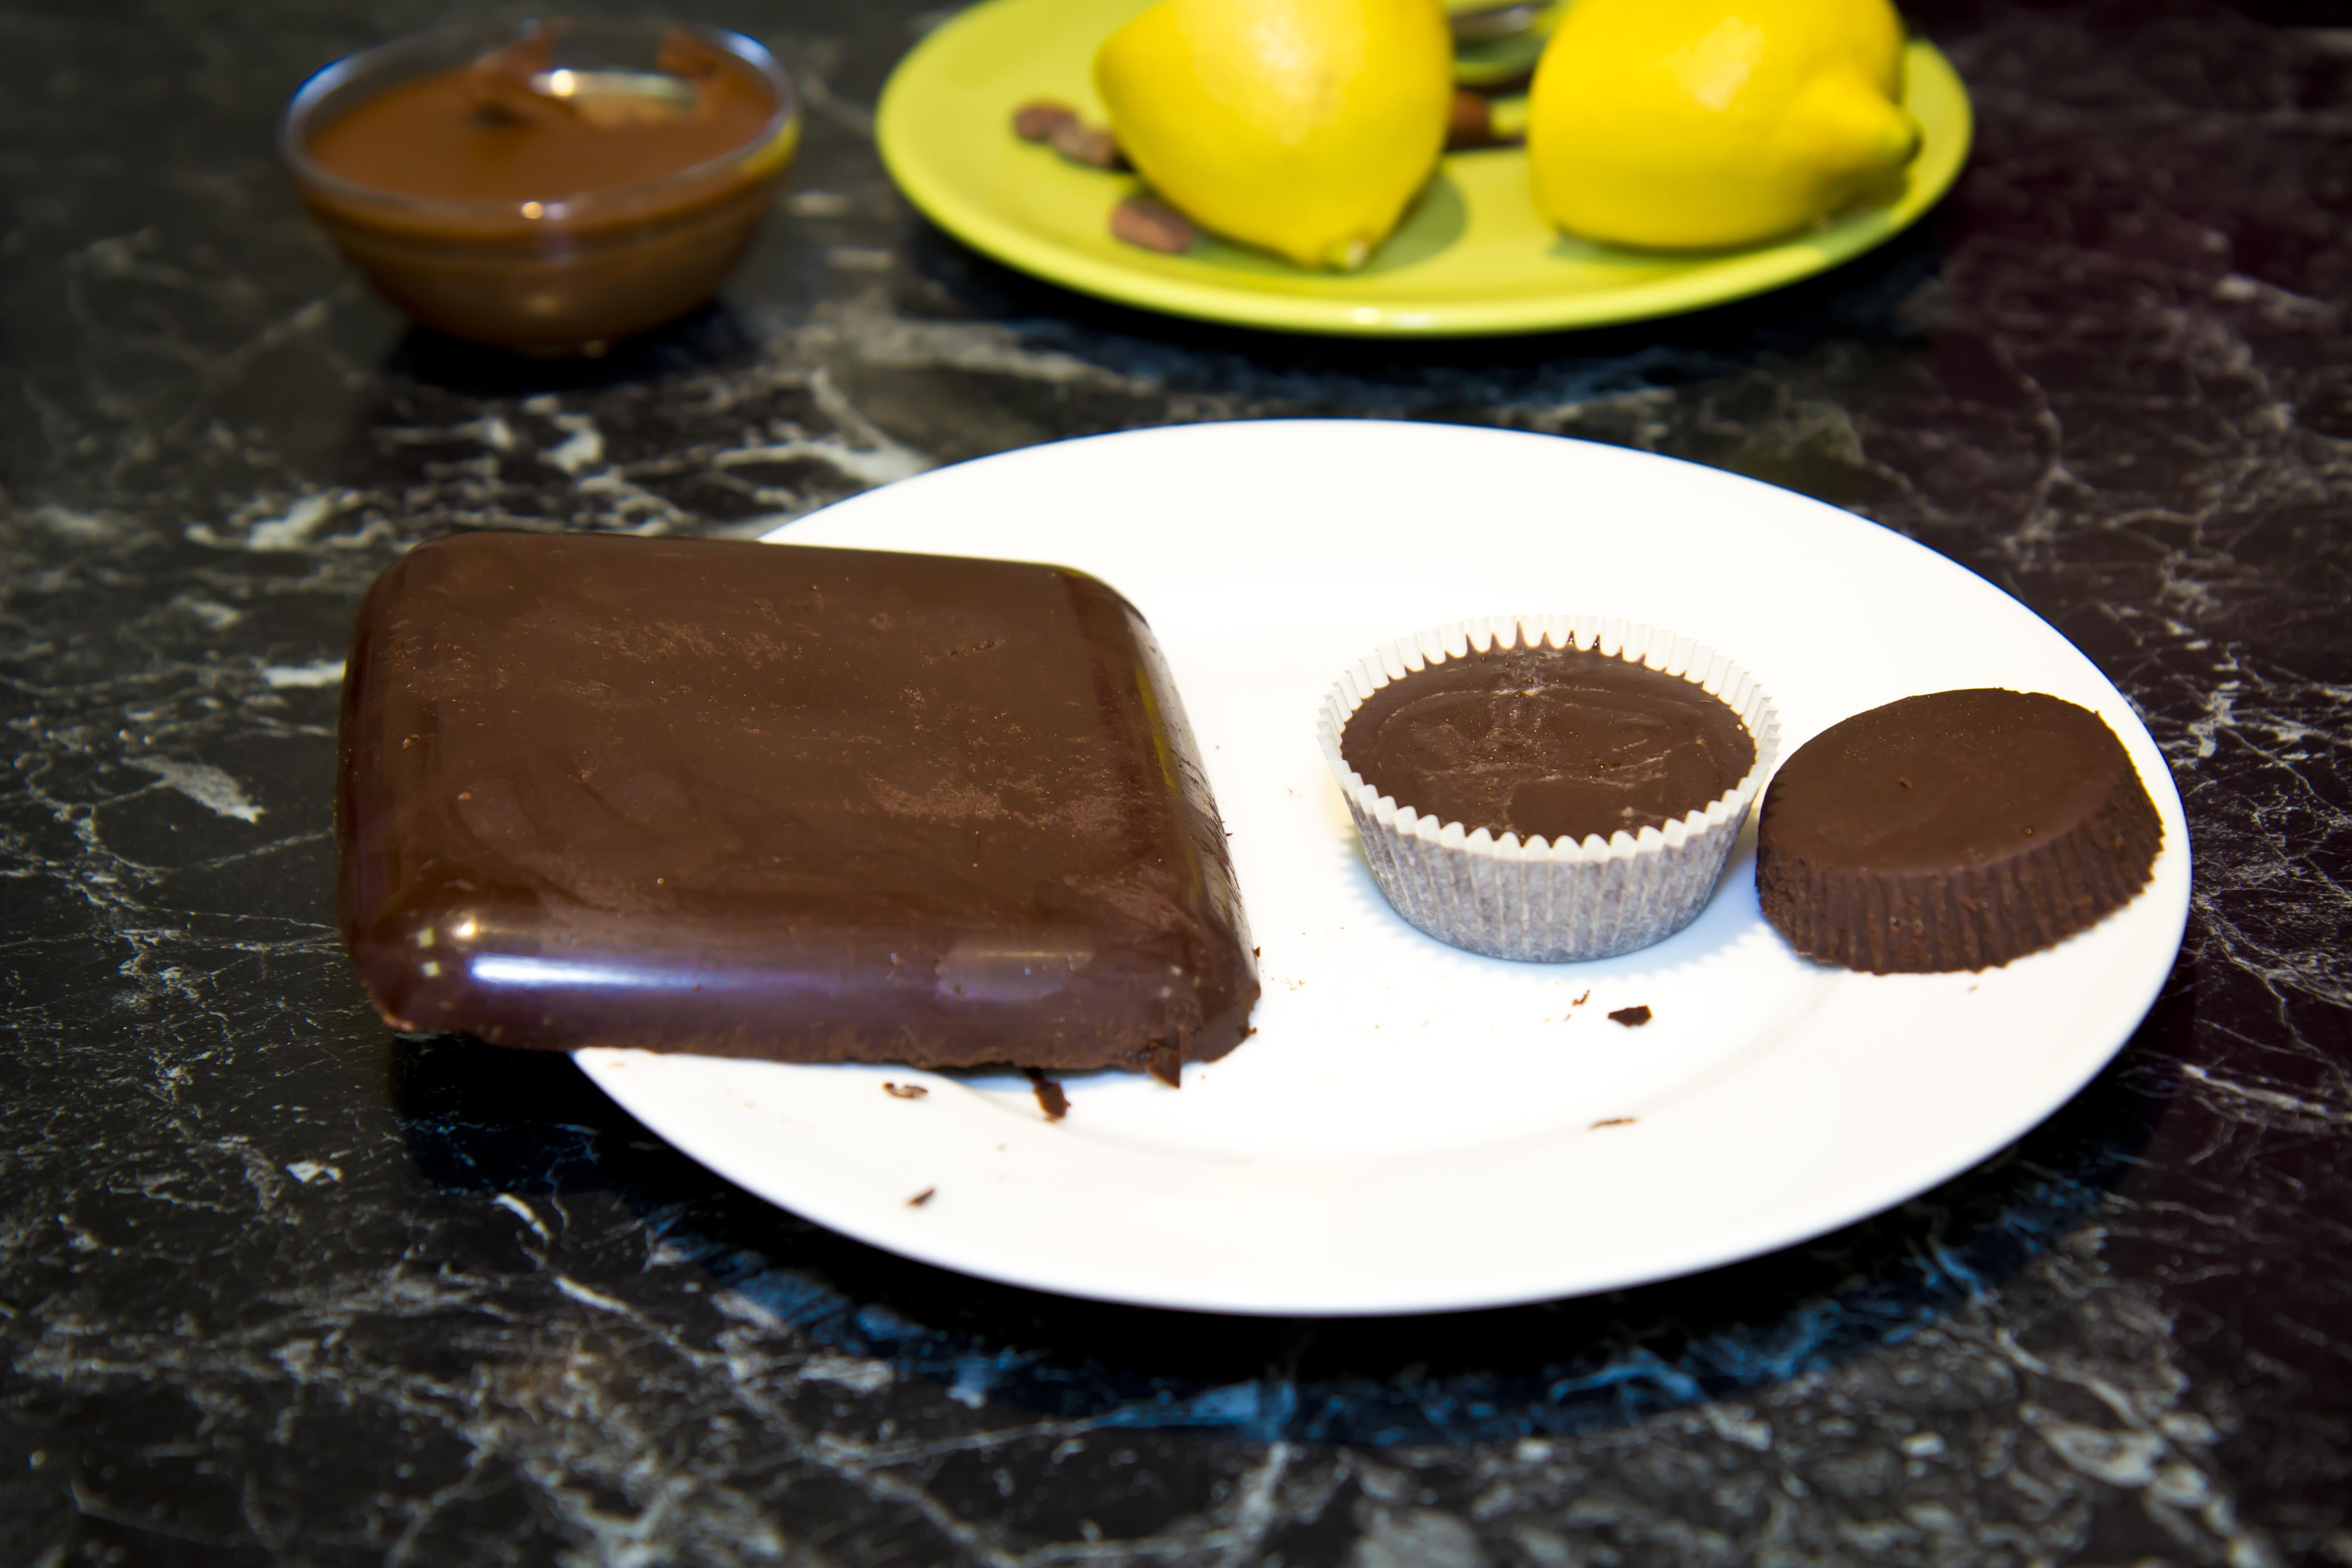 Domácí čokoláda - recept na výrobu